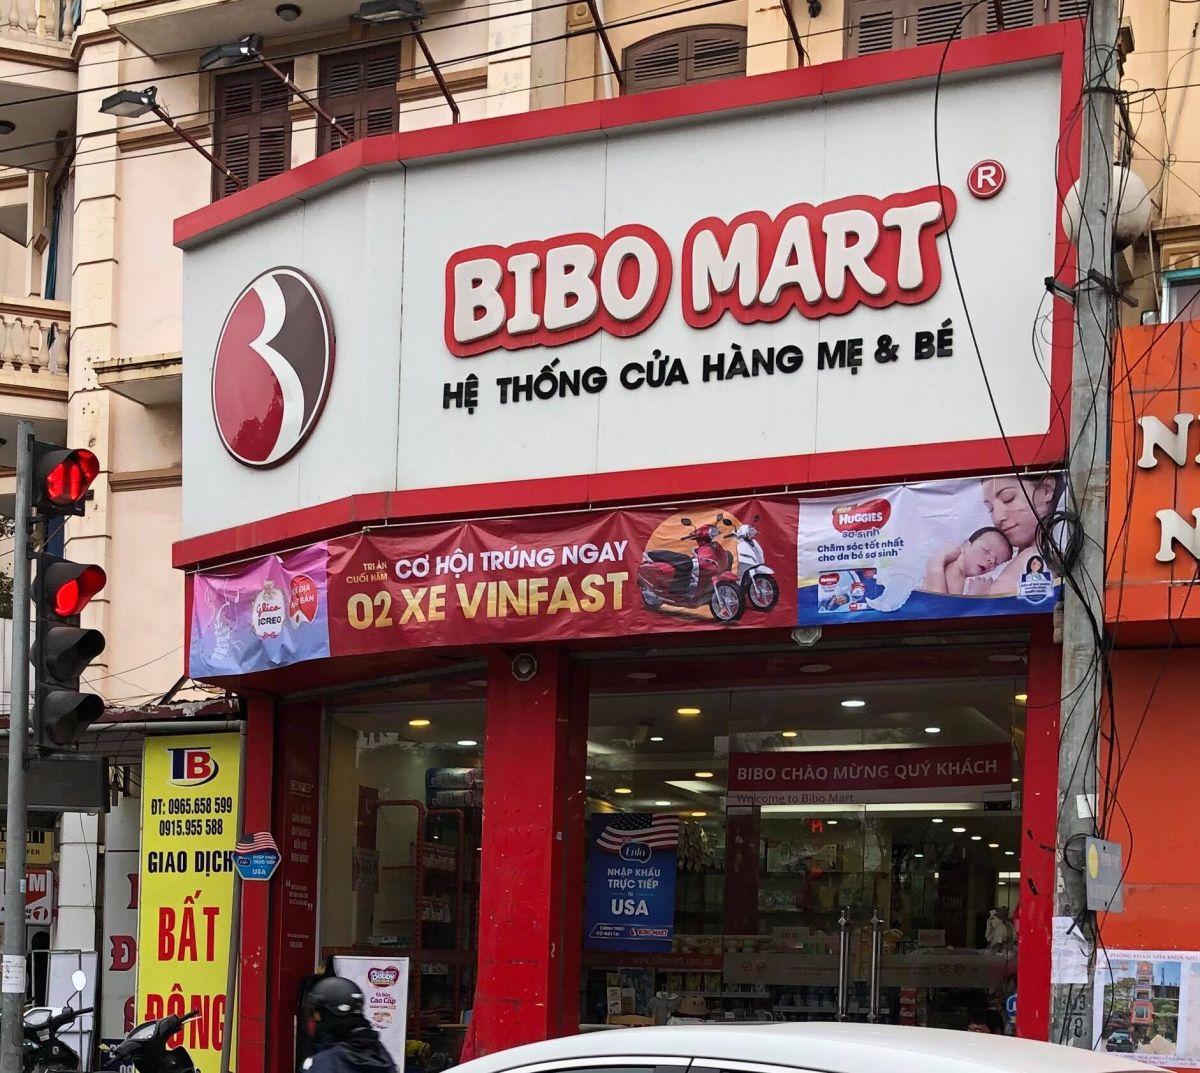 Kỳ lạ - Bibo Mart bán cháo ăn liền cho bé không có hạn sử dụng